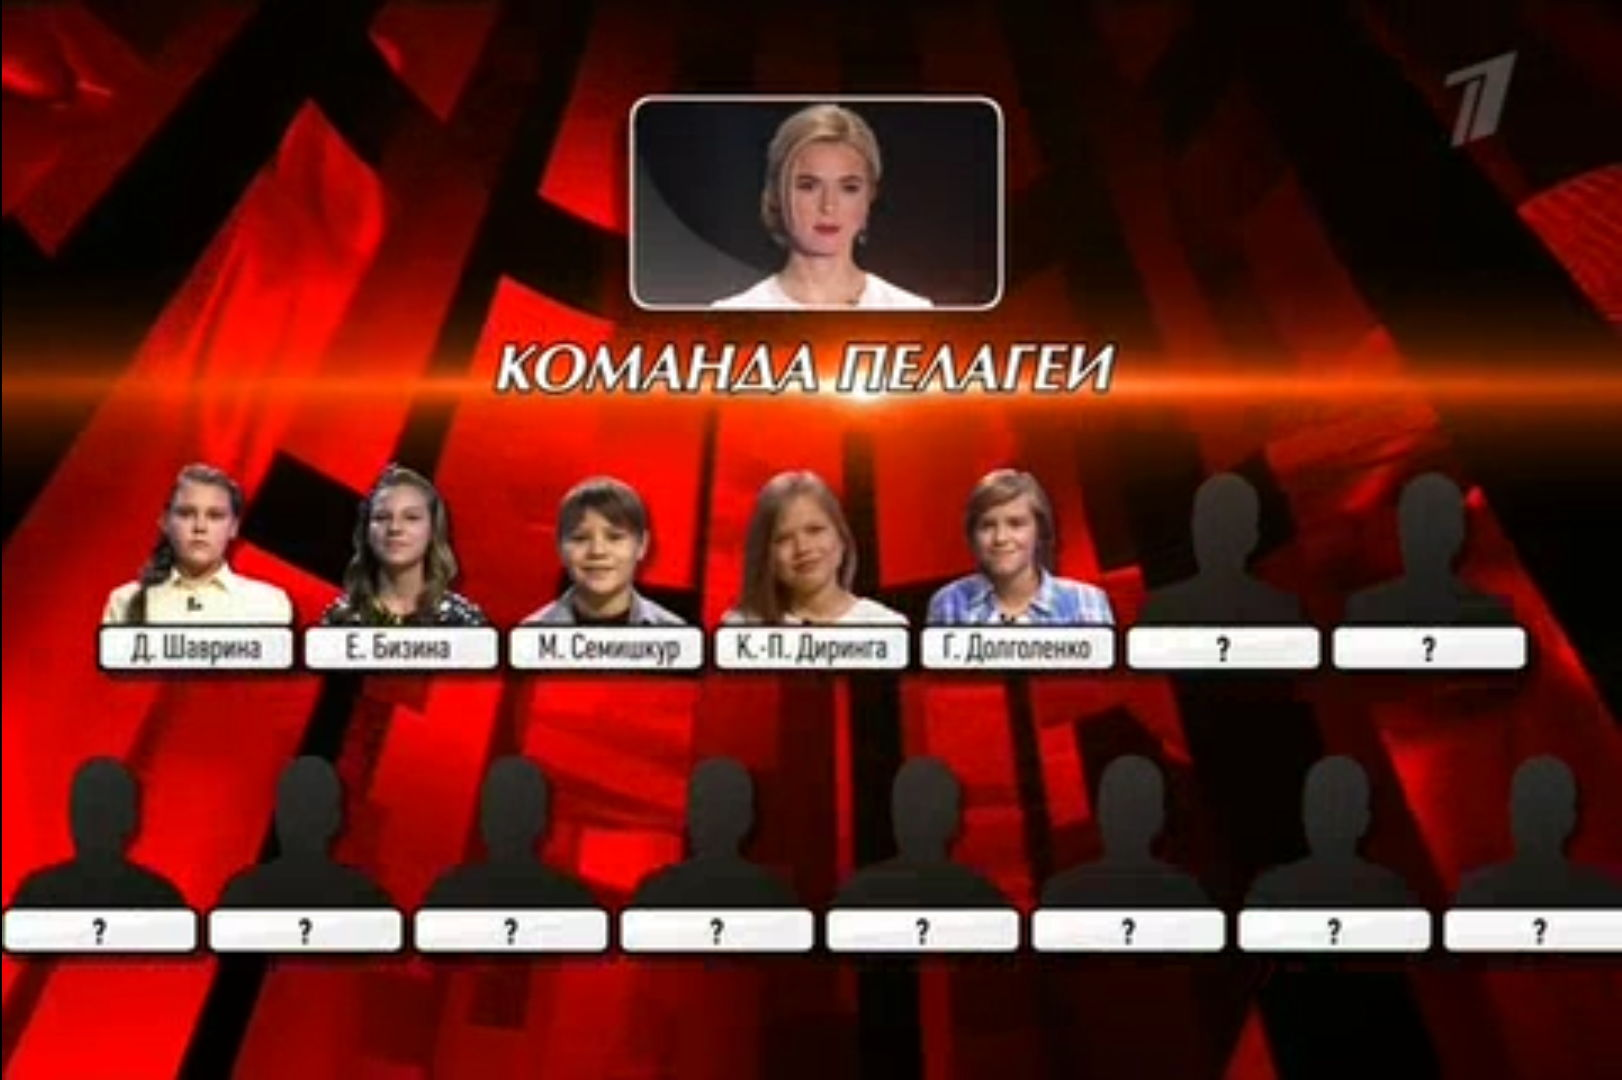 Шоу голос 9 выпуск смотреть онлайн 3 фотография